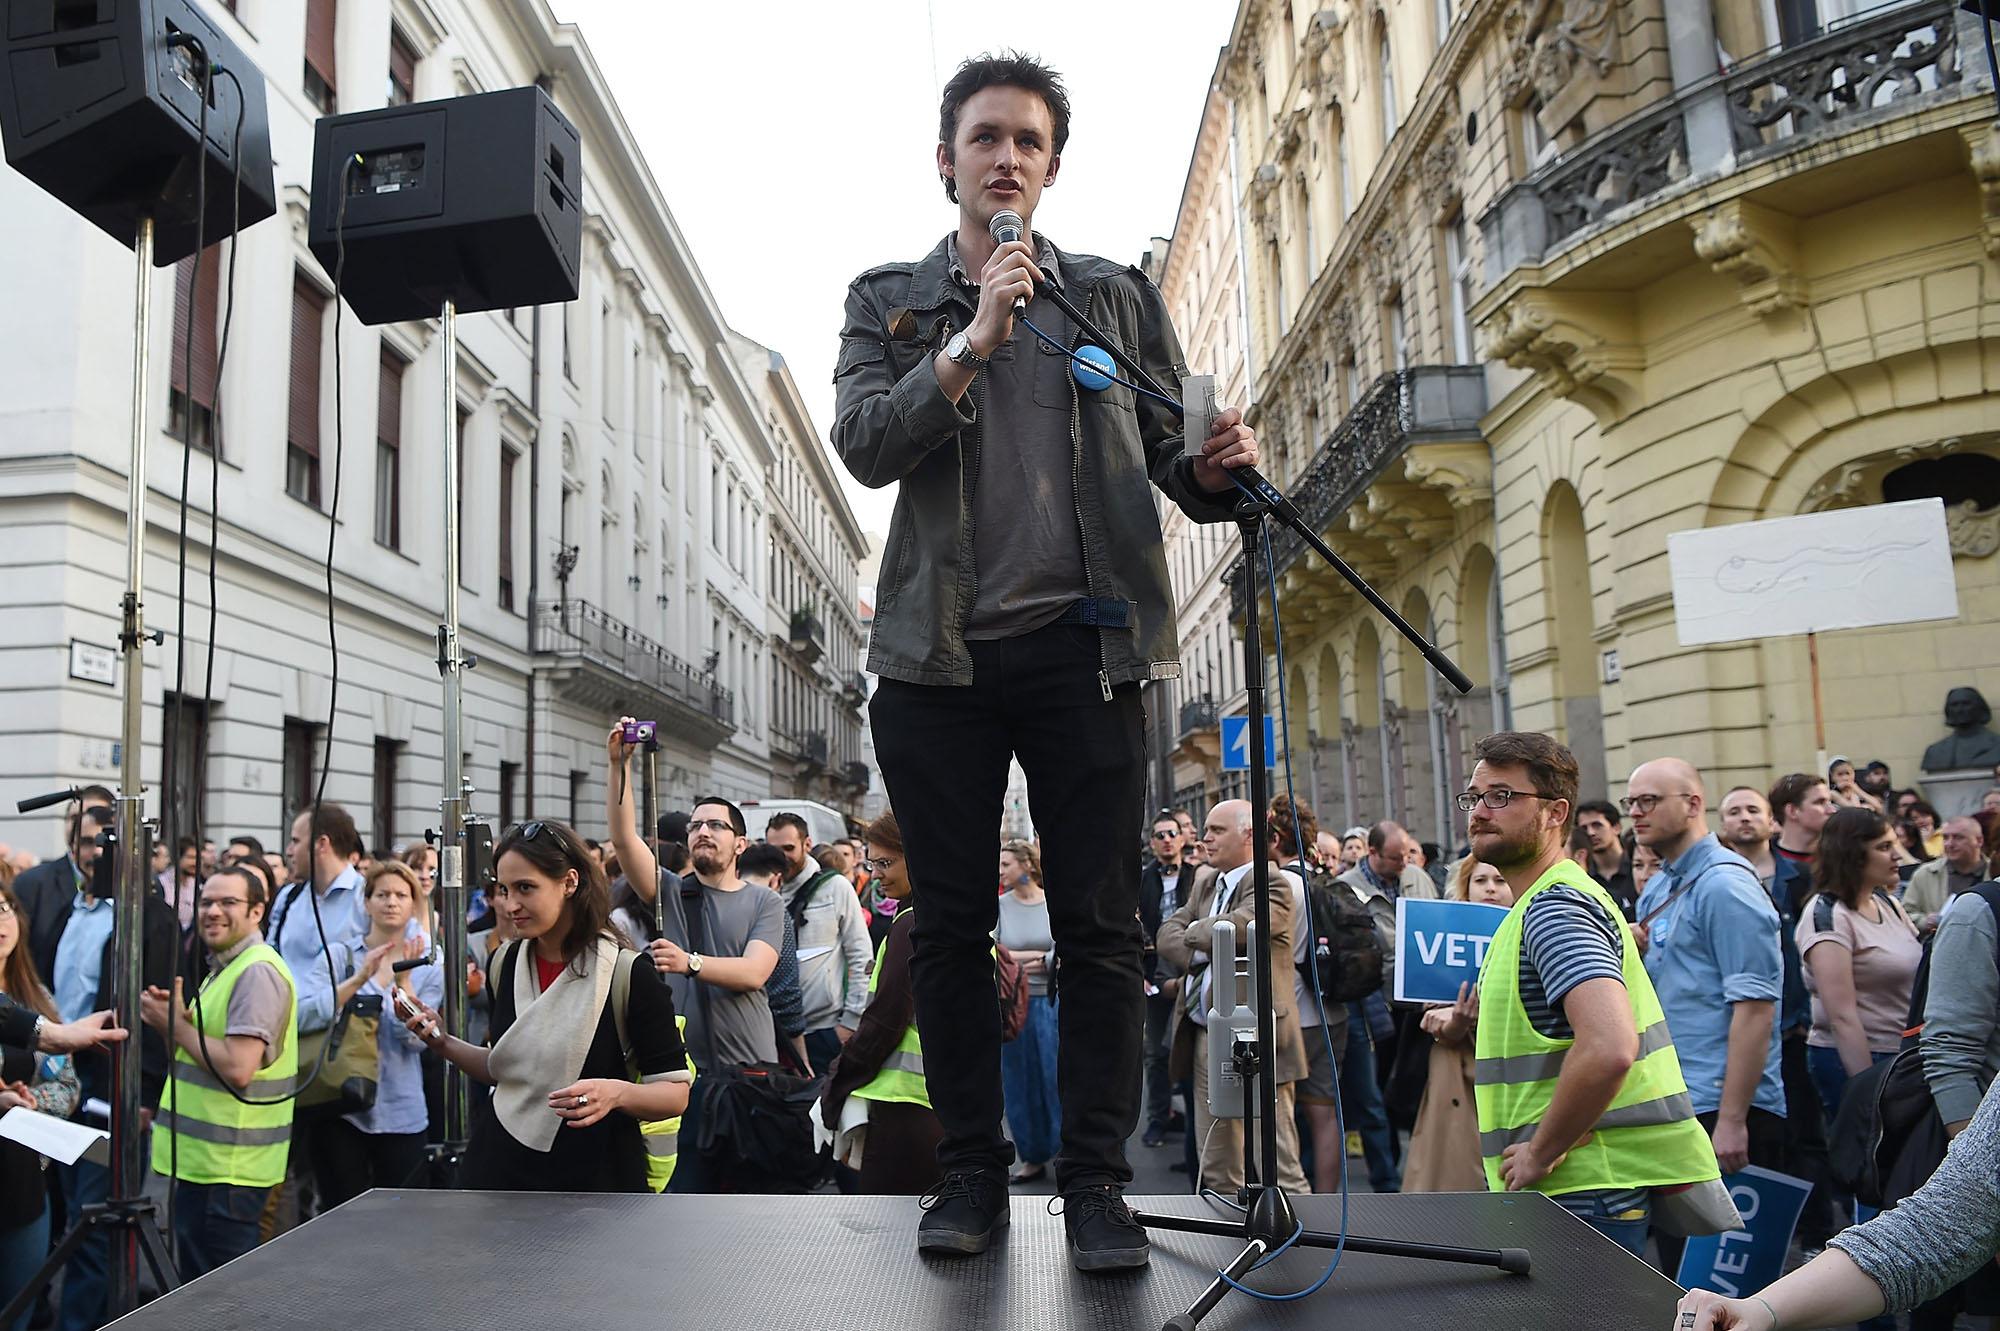 Budapest, 2017. április 4.Békés Gáspár, a Közép-európai Egyetem (CEU) hallgatója felszólal az Oktatási szabadságot csoport Élőlánc a CEU körül címmel meghirdetett demonstrációján, miután az Országgyűlés módosította a nemzeti felsőoktatásról szóló törvényt 2017. április 4-én. A módosítás értelmében a jövőben akkor működhet oklevelet adó külföldi felsőoktatási intézmény Magyarországon, ha működésének elvi támogatásáról államközi szerződés rendelkezik.MTI Fotó: Balogh Zoltán